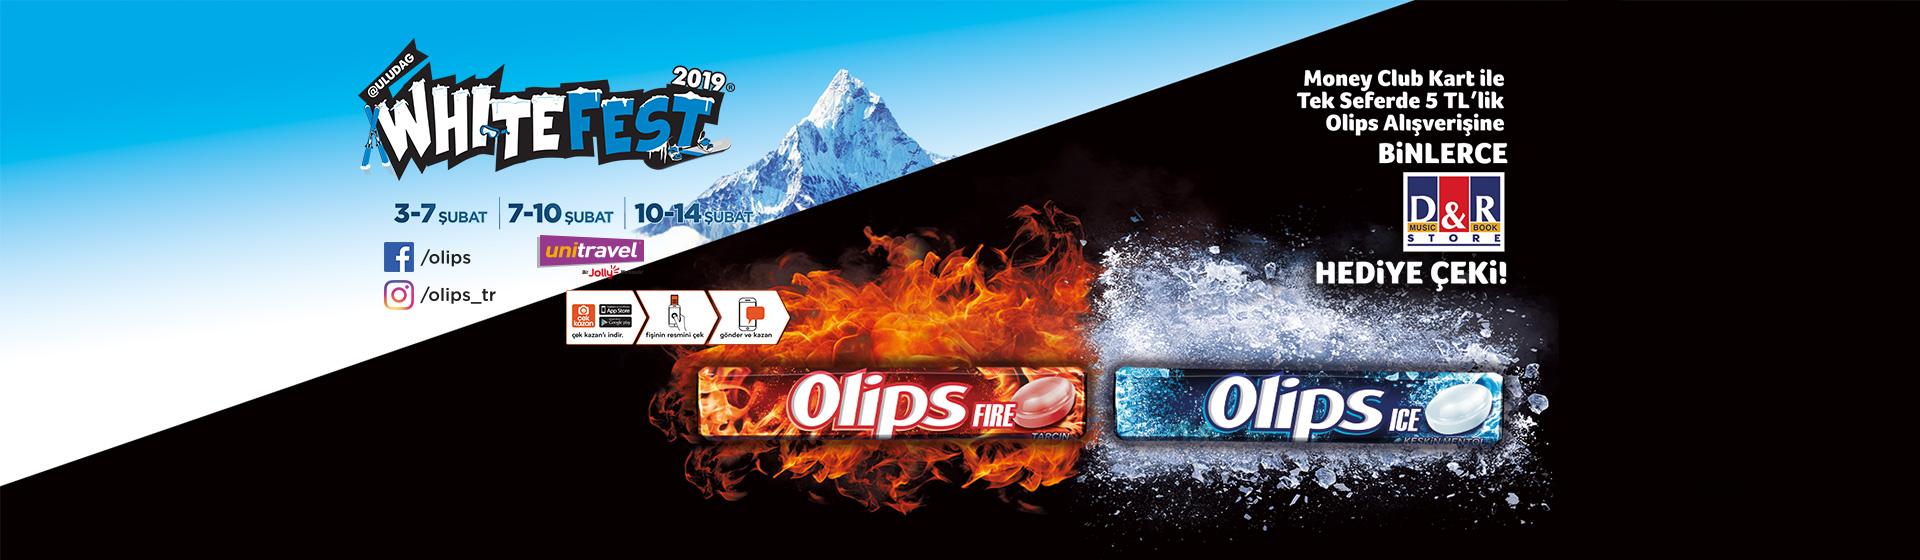 Olips D&R Hediye Çeki Kampanyası